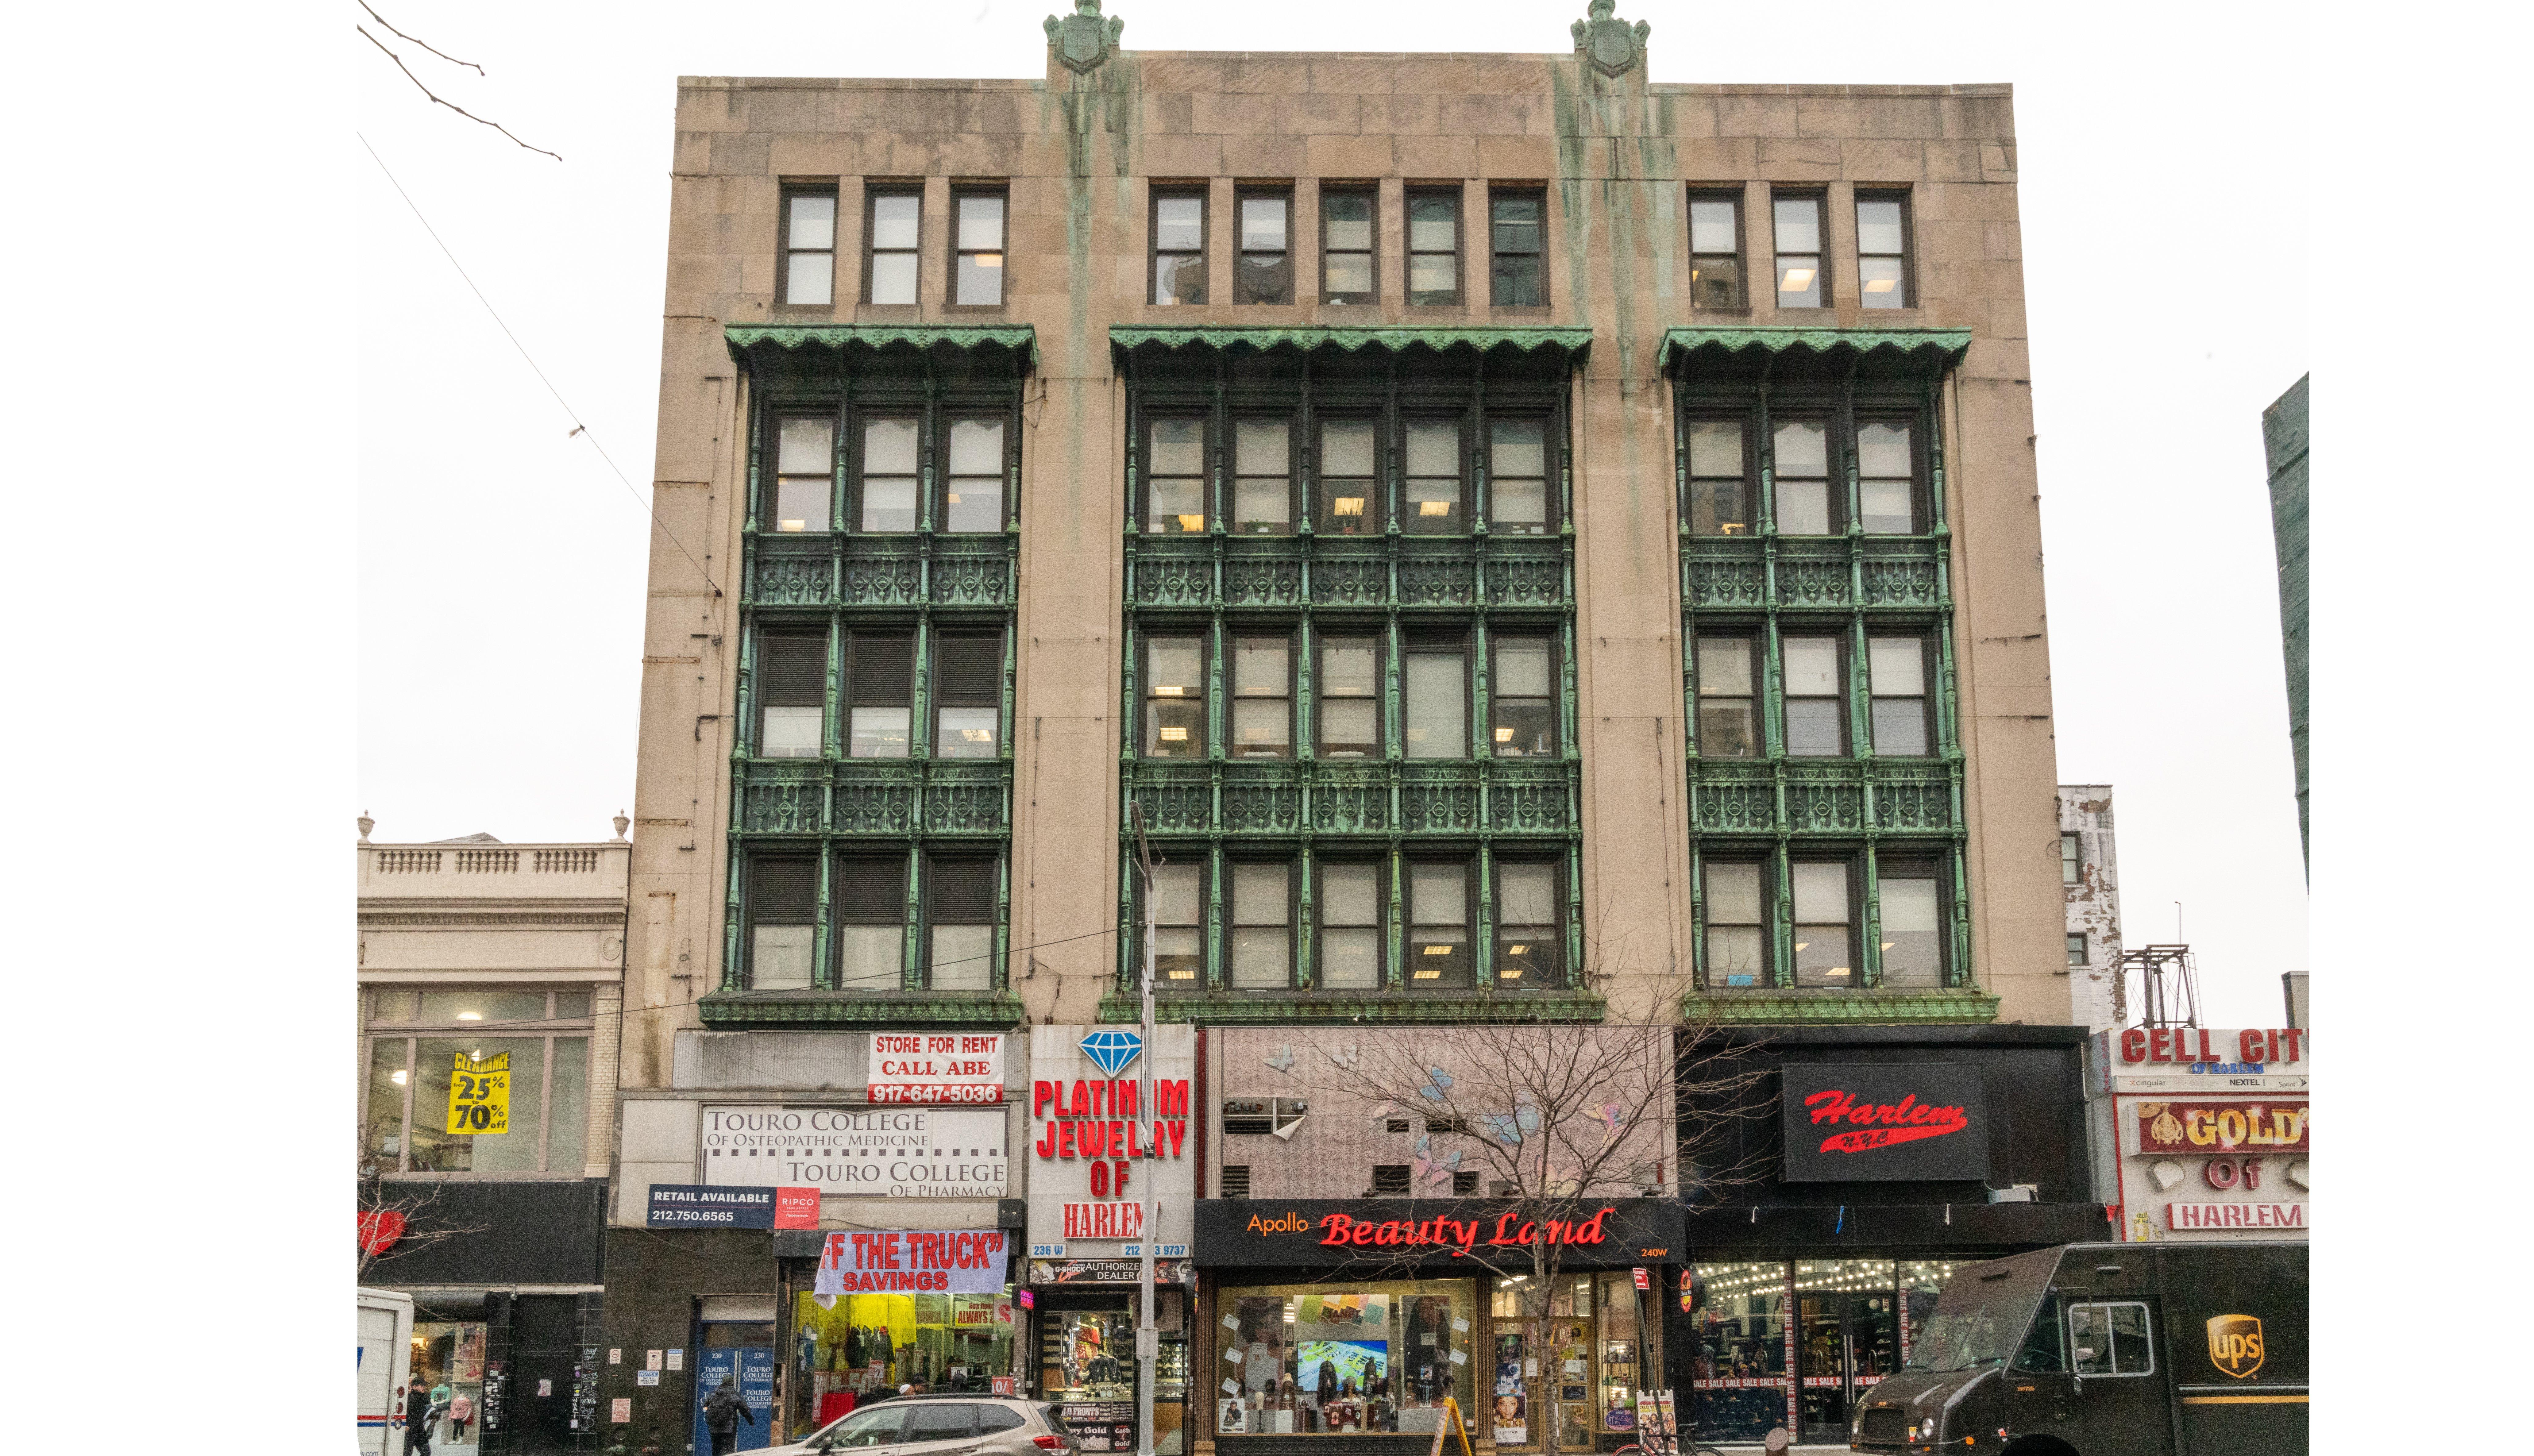 Antiguo edificio de la tienda Blumstein el 13 de enero de 2019 en la ciudad de Nueva York